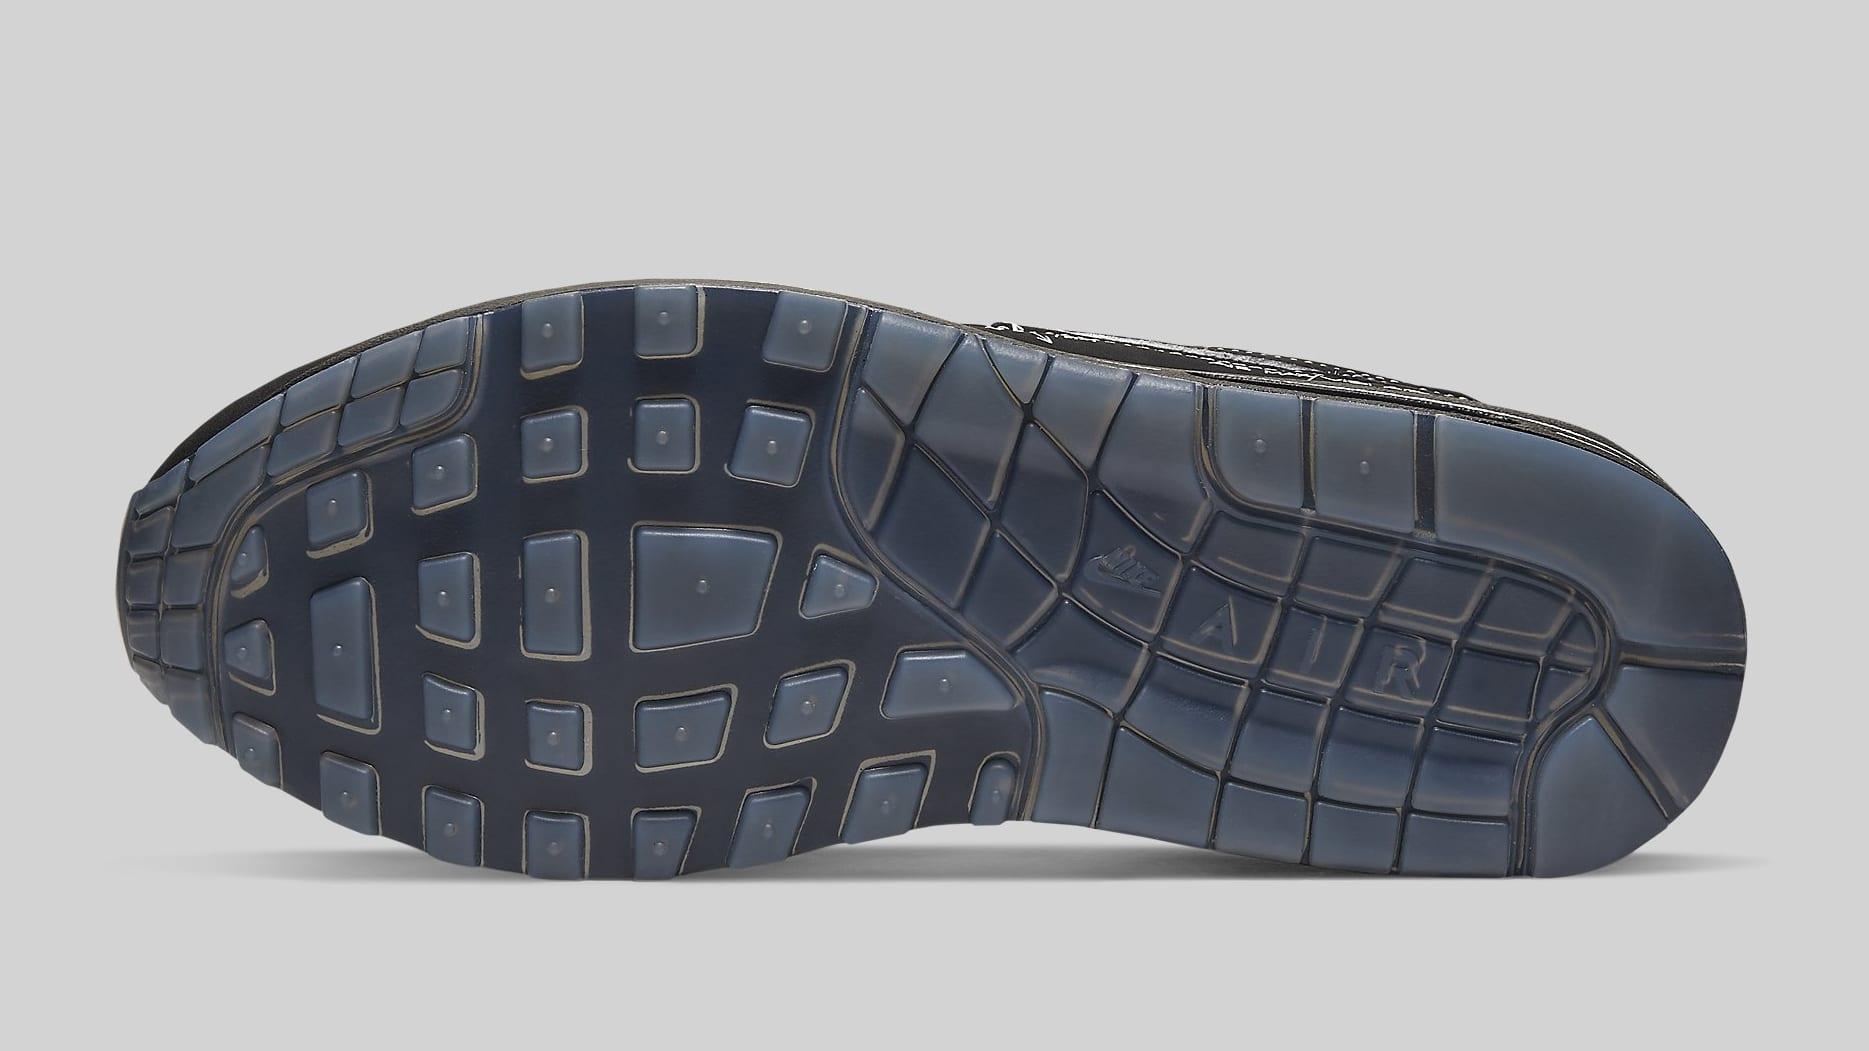 Nike Air Max 1 Black 'Schematic' CJ4286-001 Sole